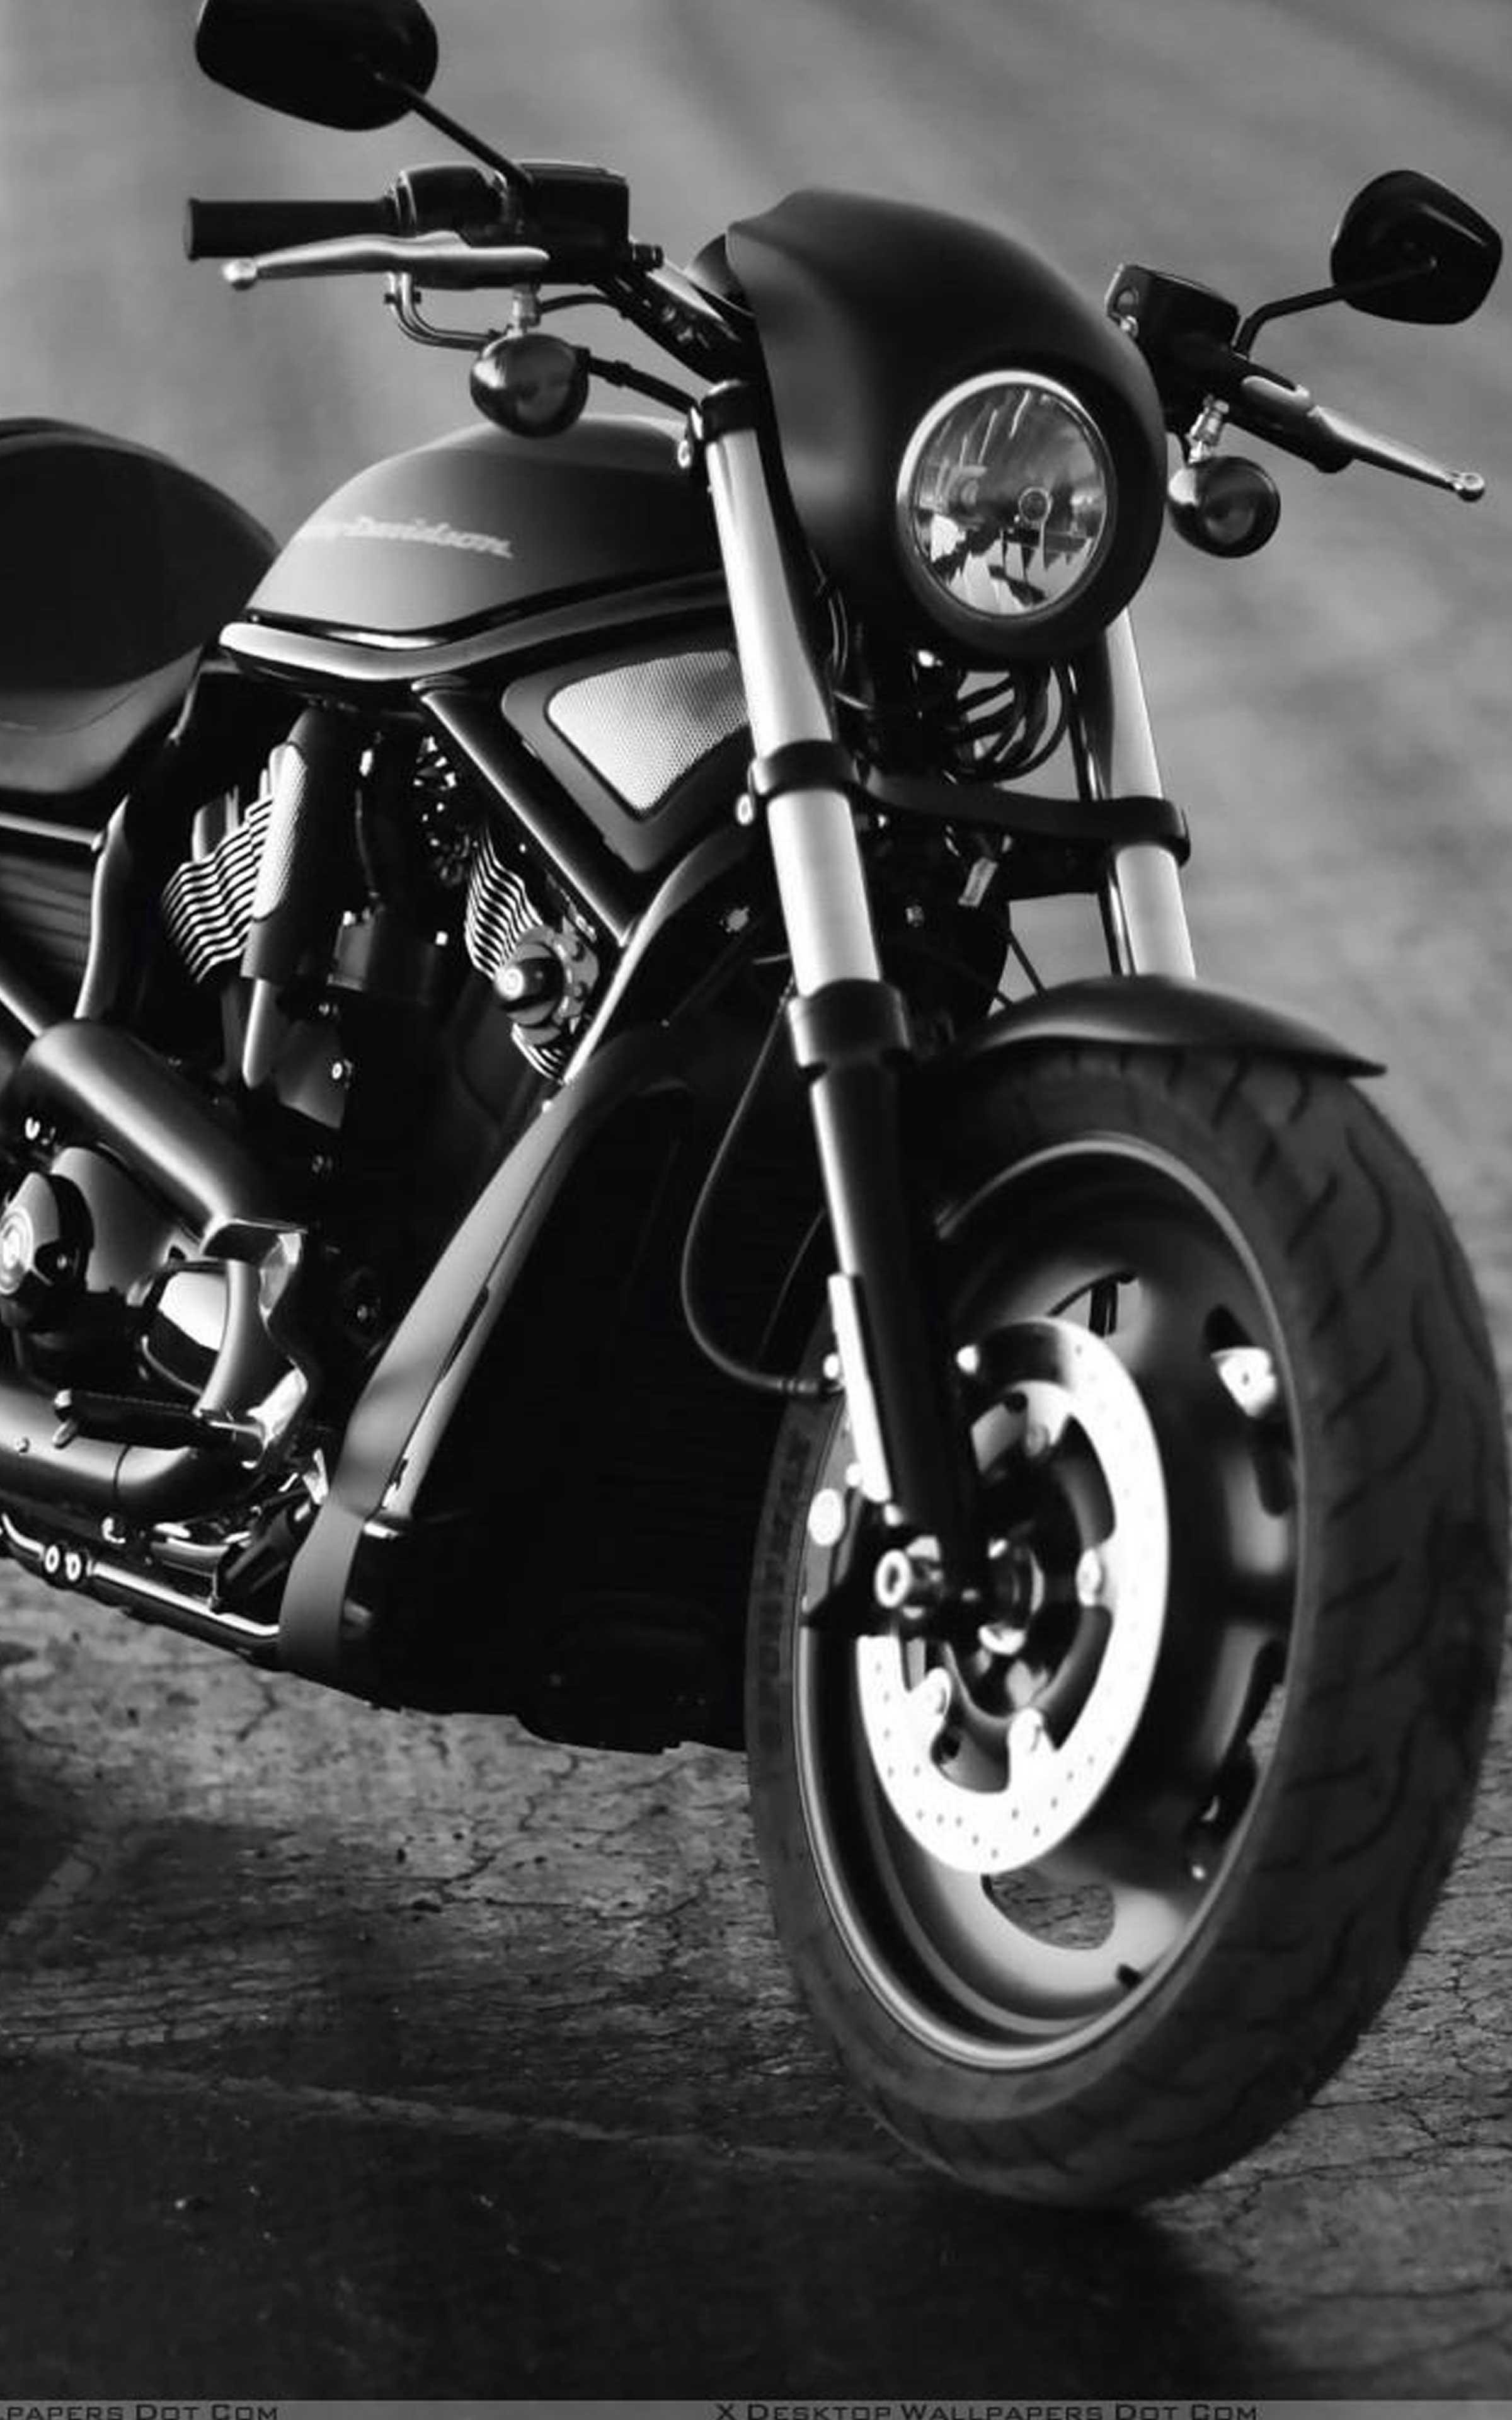 Harley Davidson Best Harley Davidson Wallpapers For